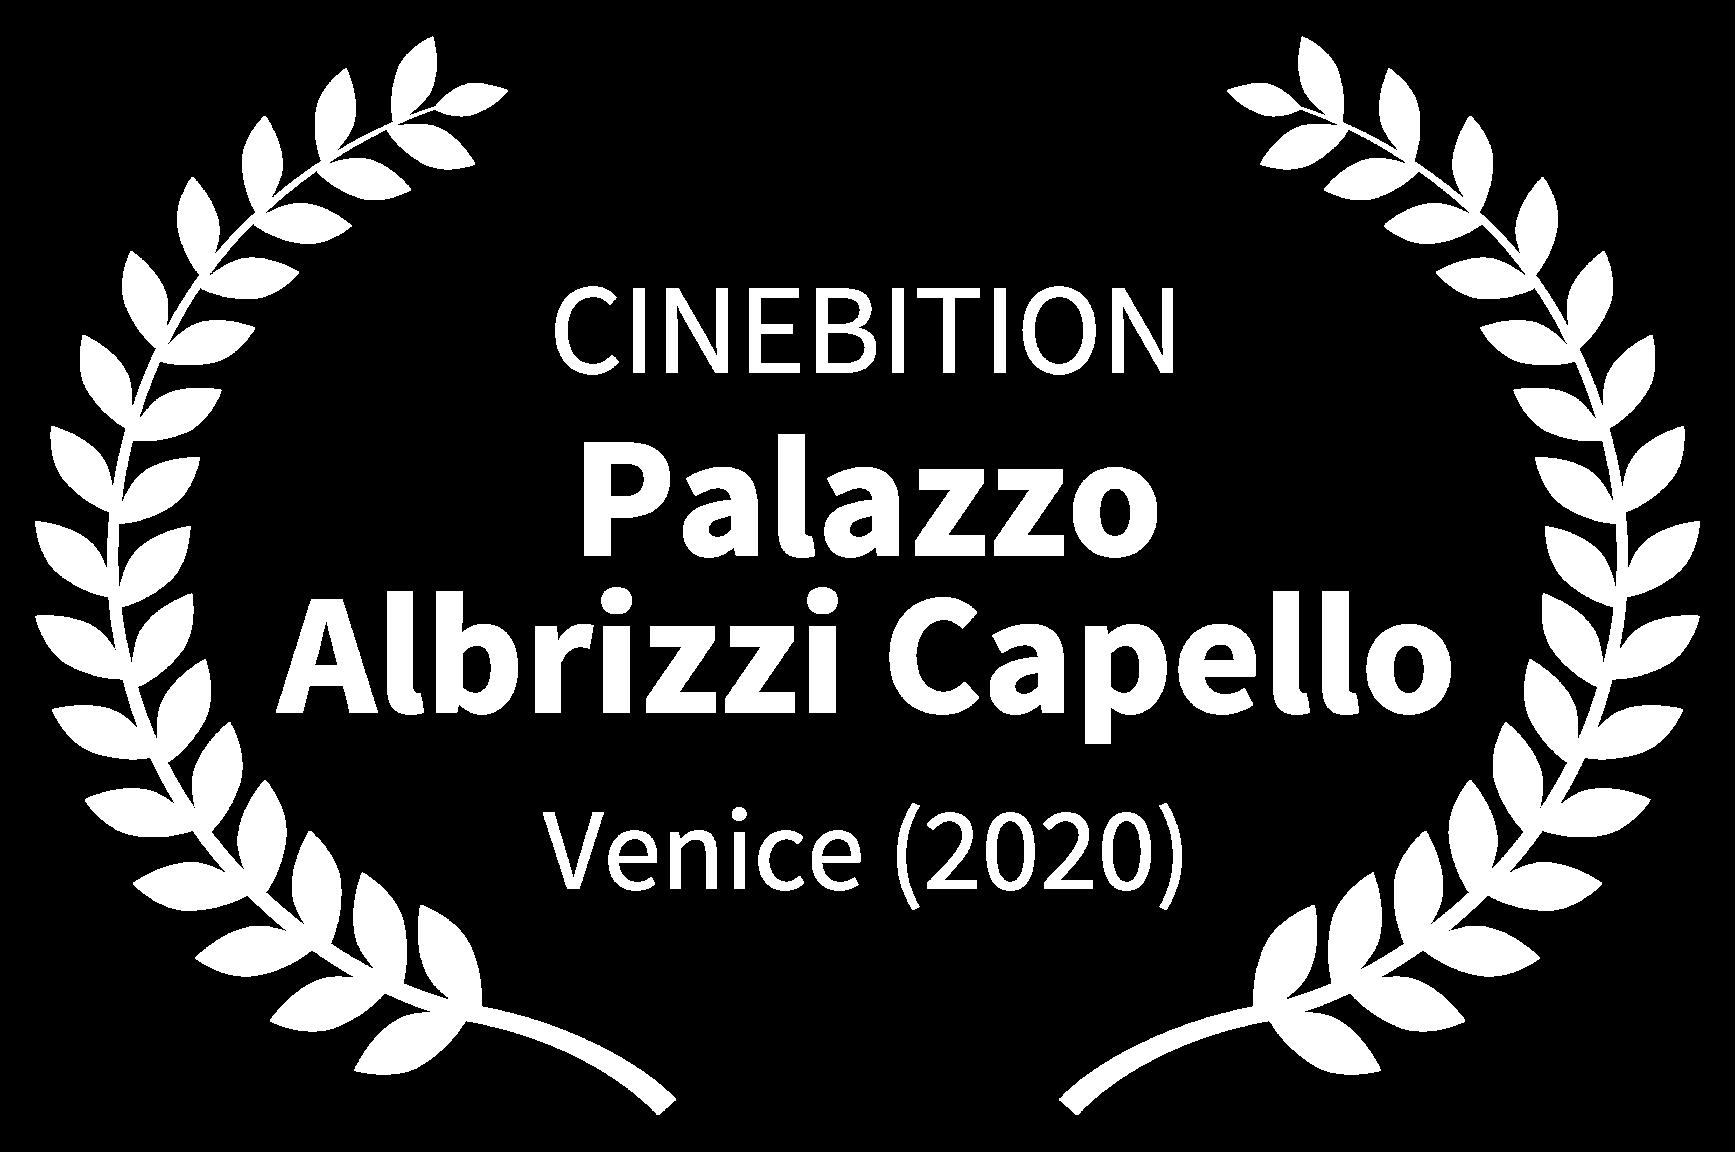 CINEBITION - Palazzo Albrizzi Capello - Venice 2020